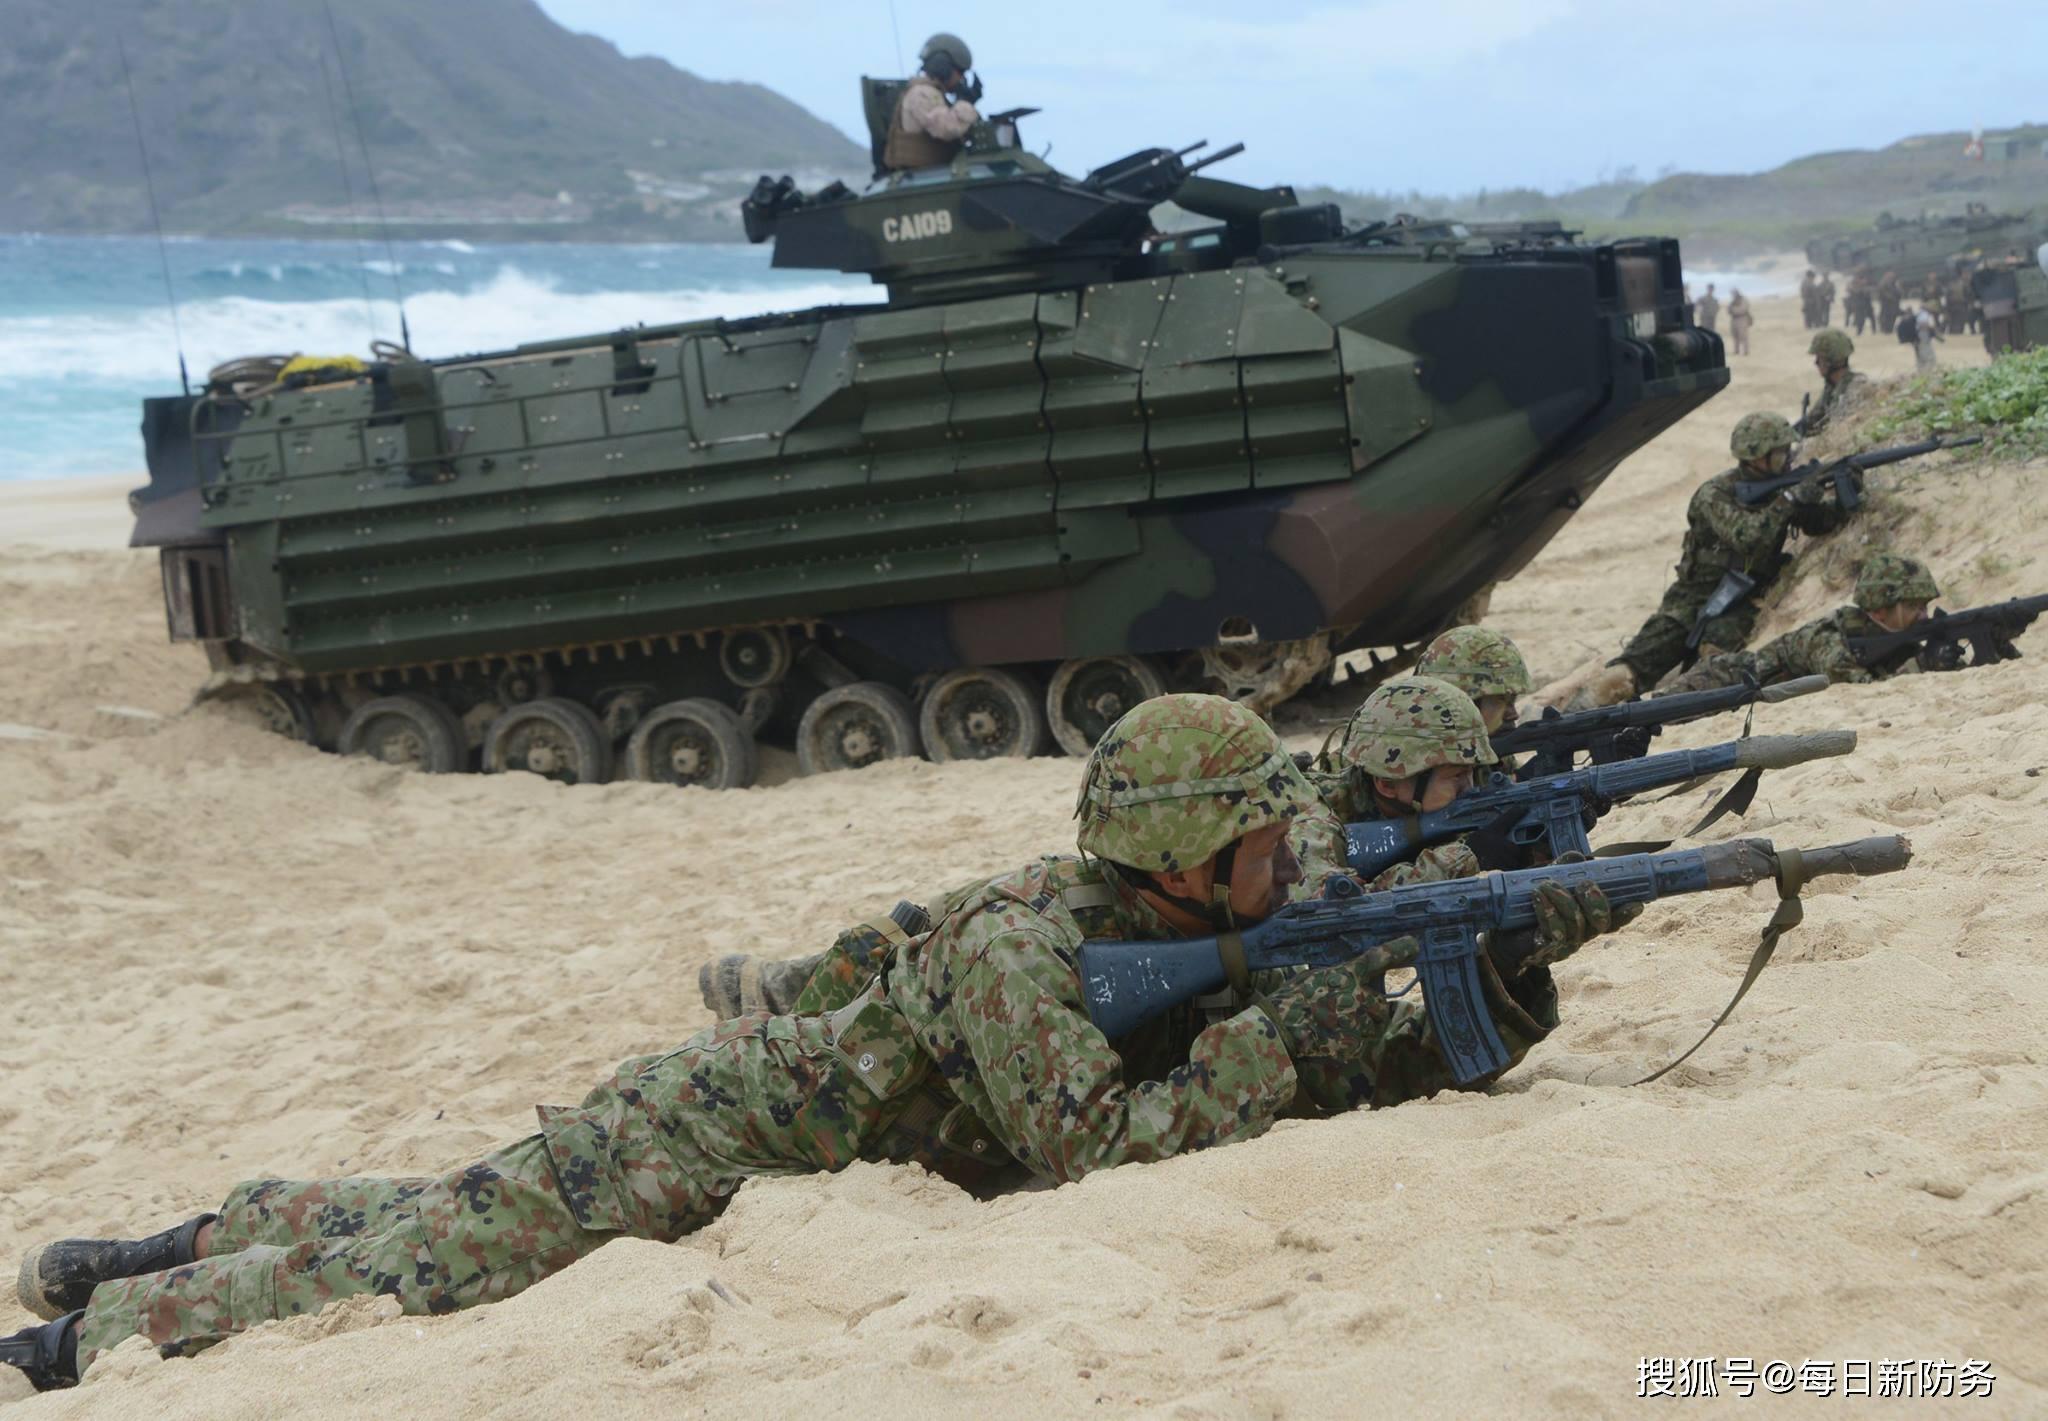 """为防解放军""""夺岛"""",日本自卫队大搞""""作秀"""",真正目的是什么?"""